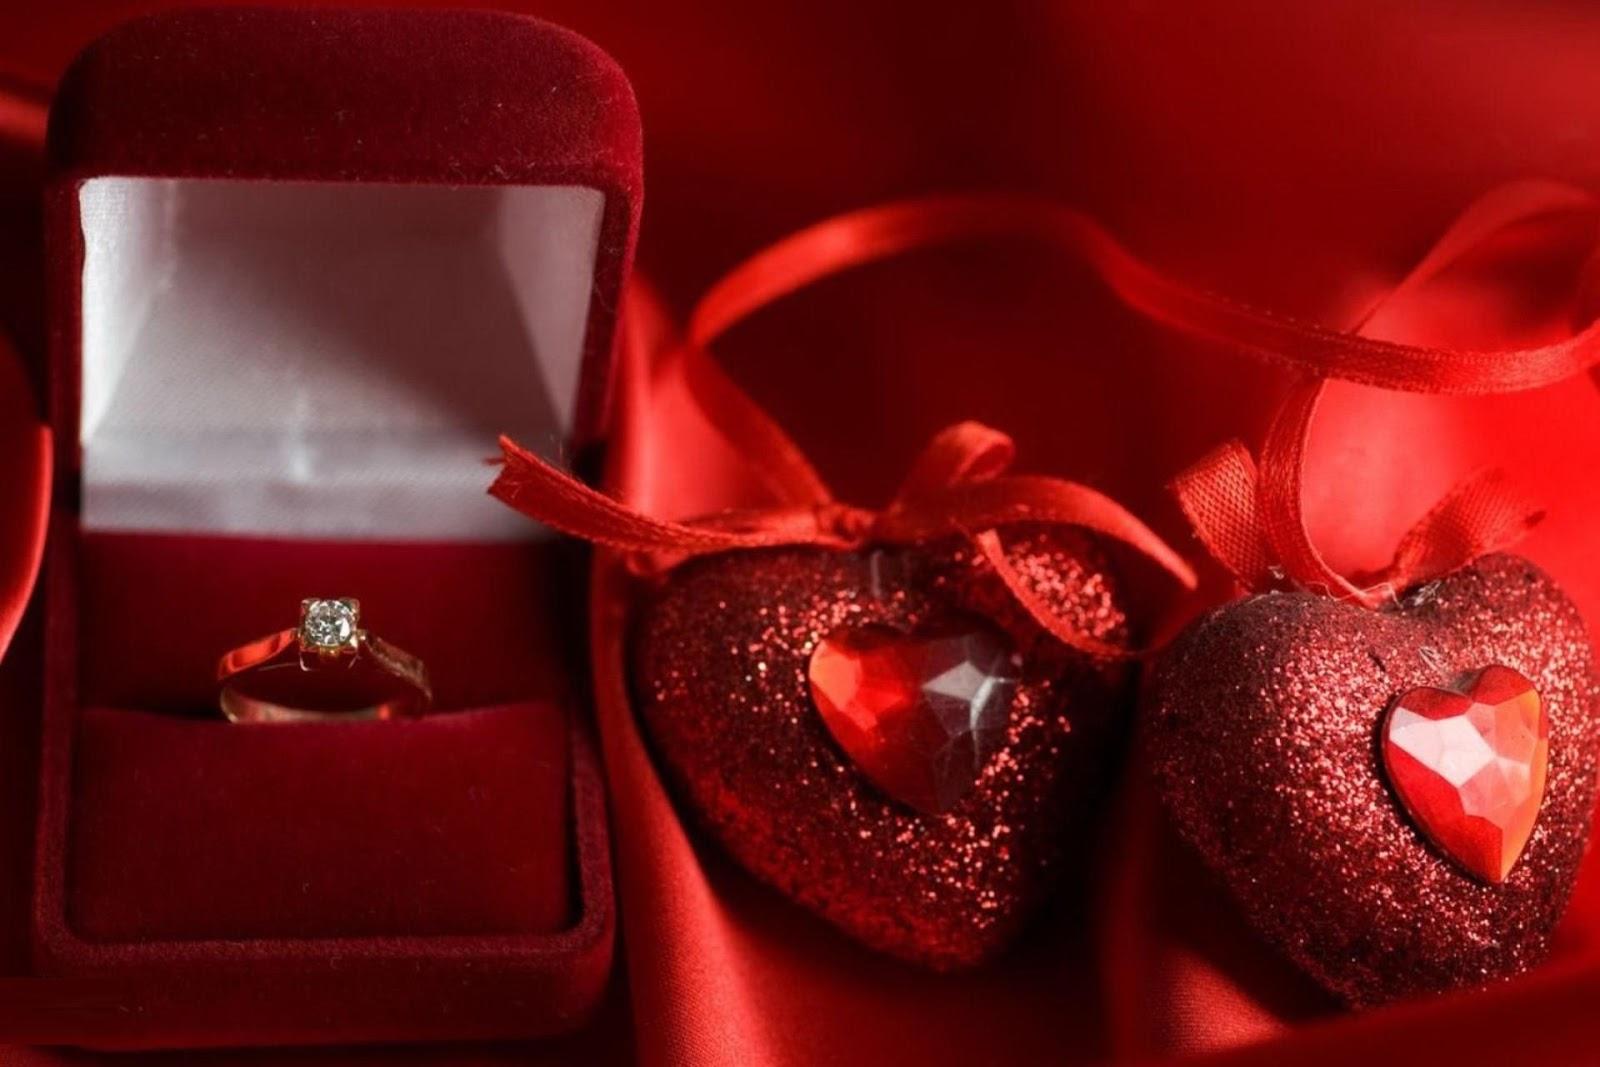 بالصور صور حب جديده , اجدد واجمل الصور الرومانسية 4368 5